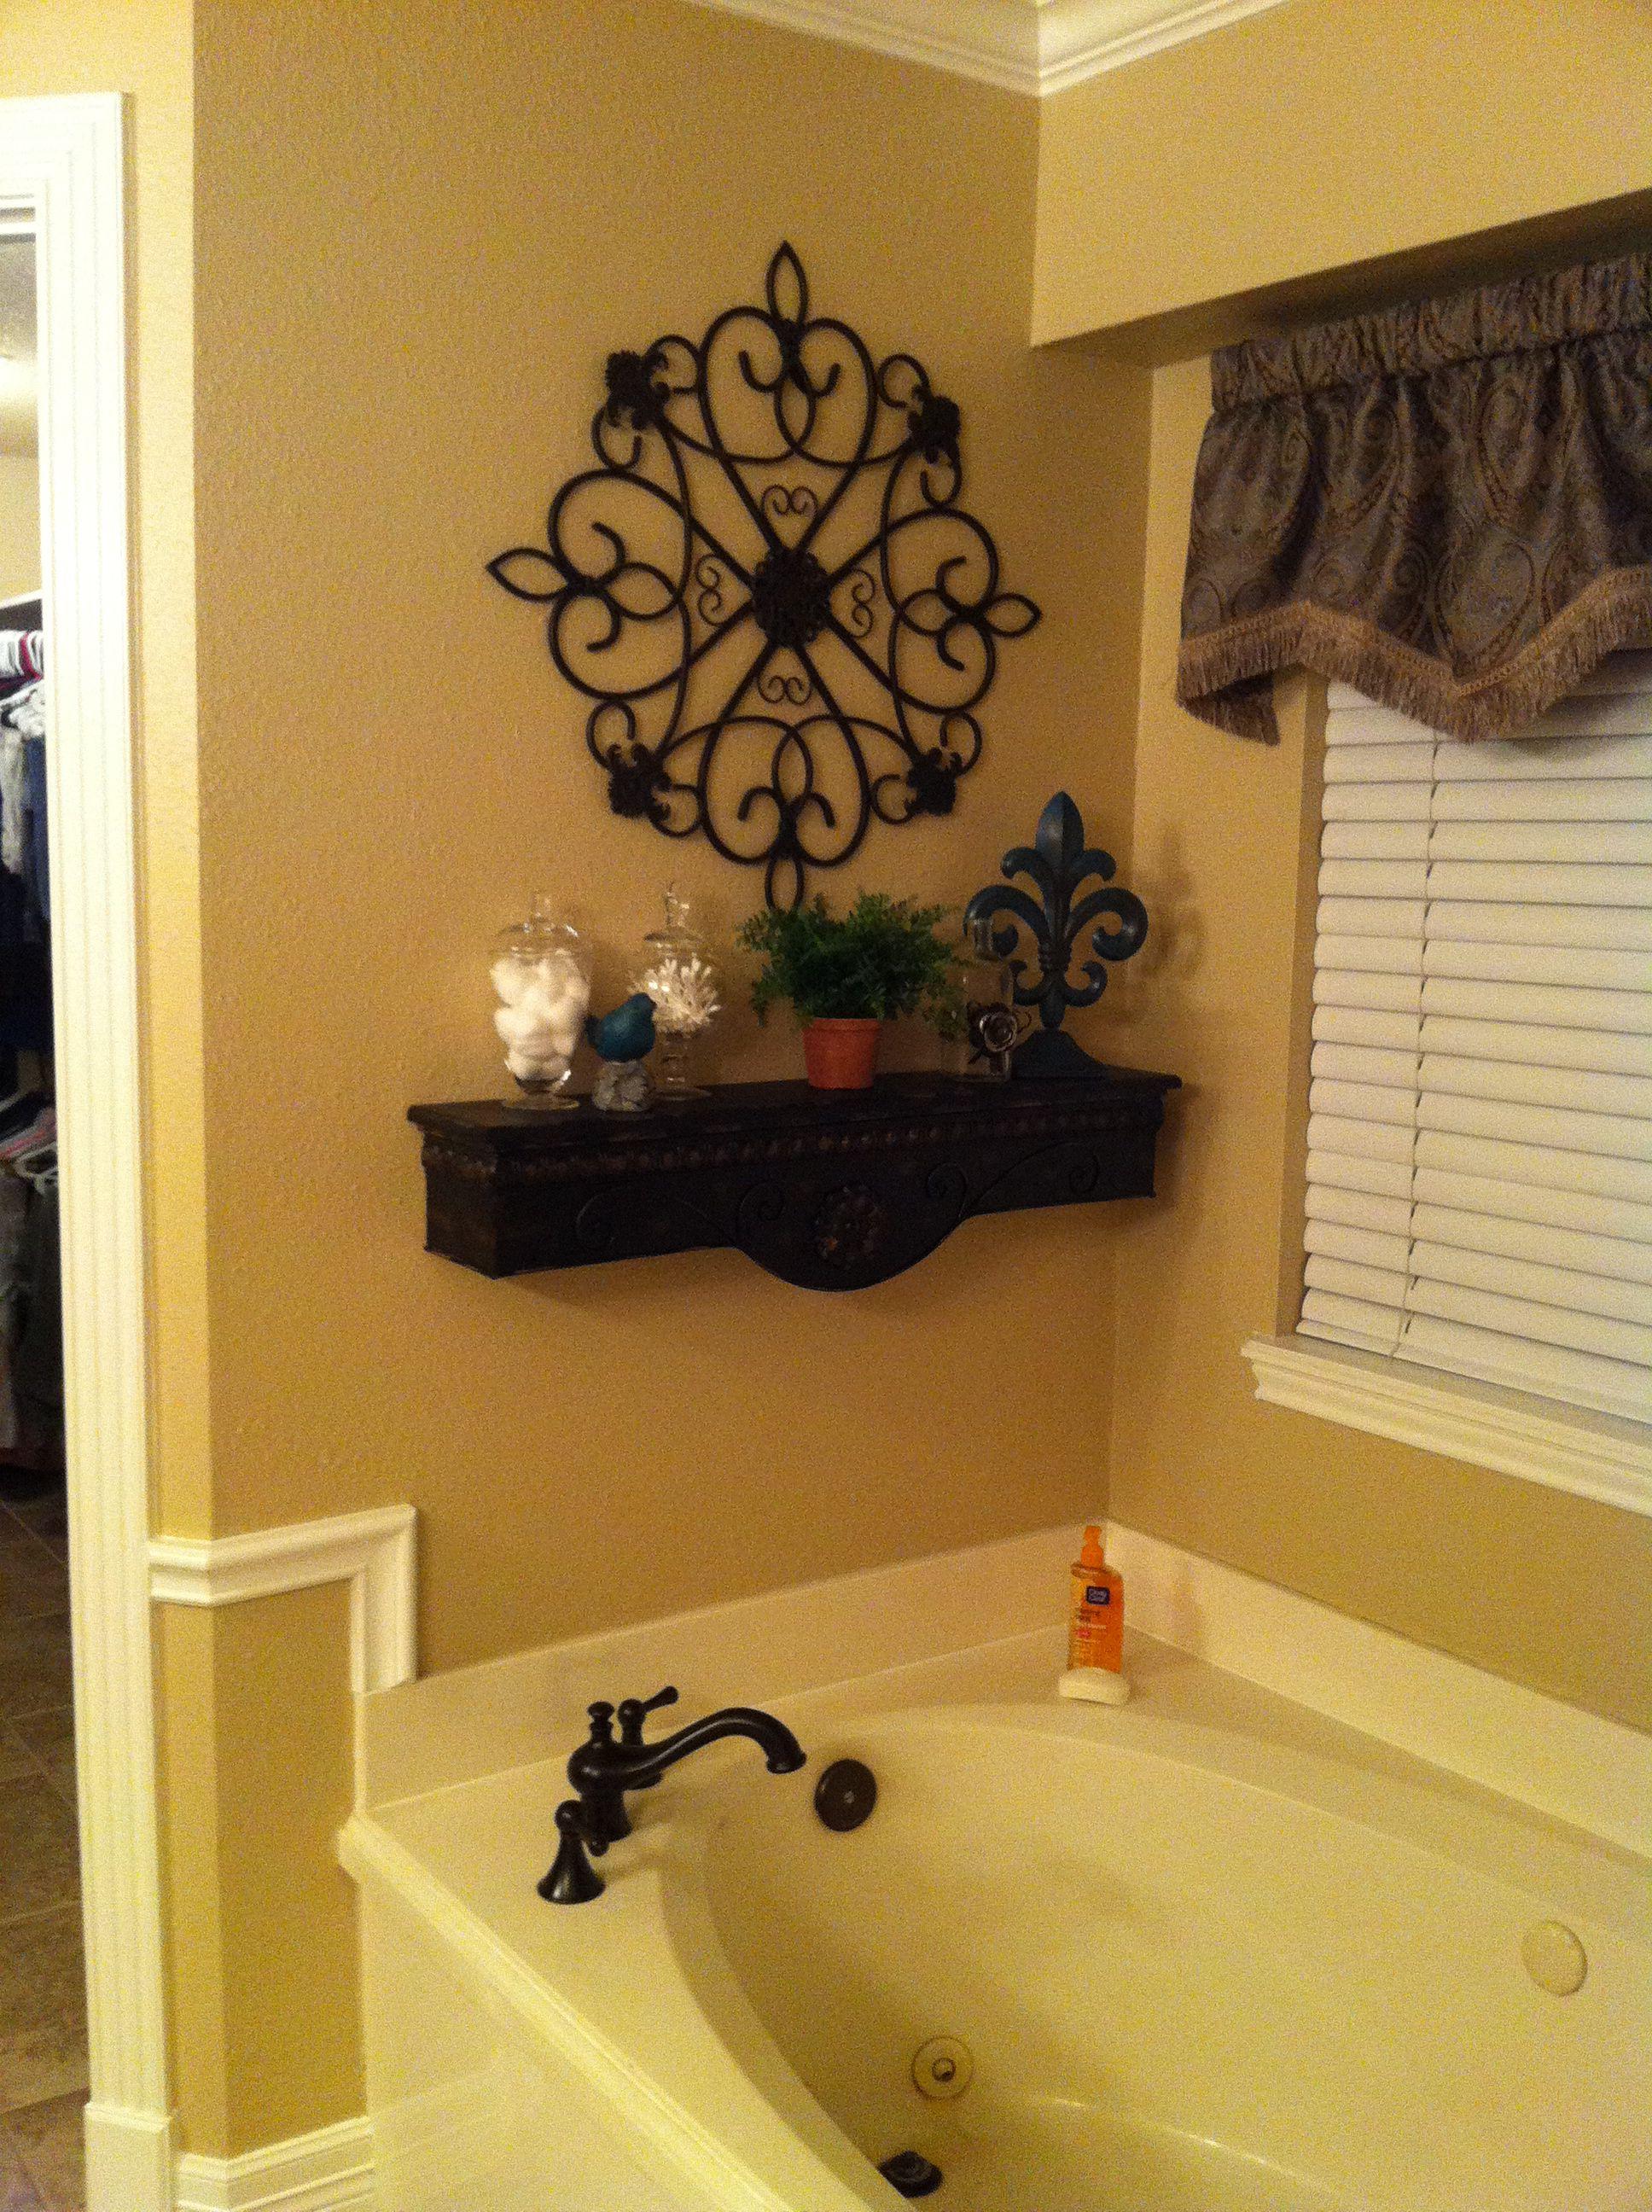 Garden tub decor  Decorative shelf above bath tub  bathroom remodel ideas  Pinterest